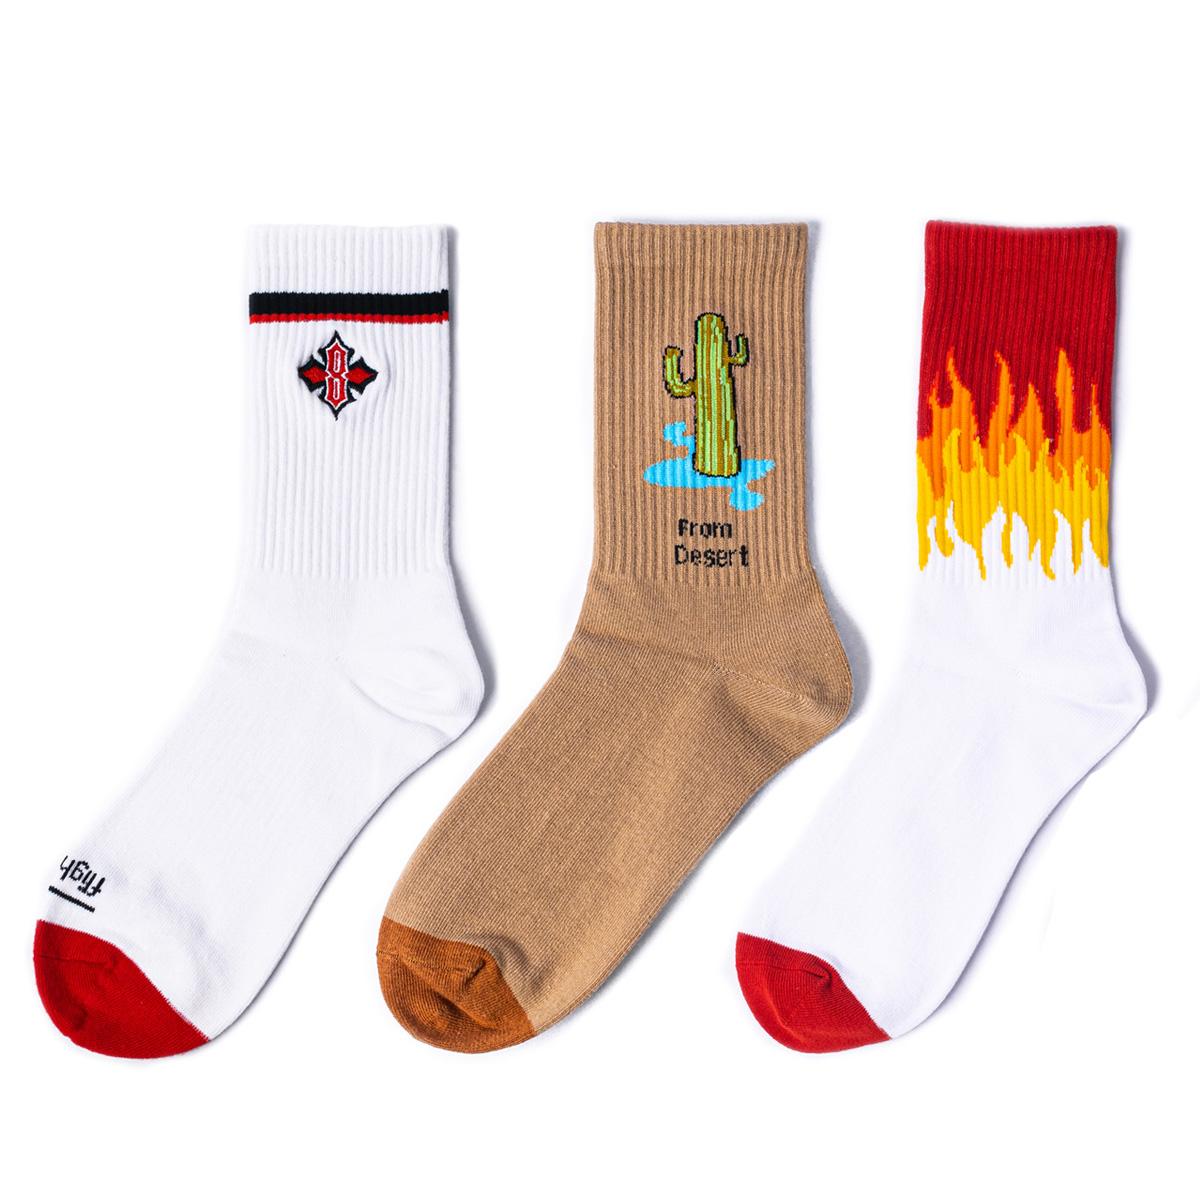 你们,要的,小编,同款,「,袜子,链接,」,来了,  低至¥9.9!你们要的小编同款「袜子链接」,来了!